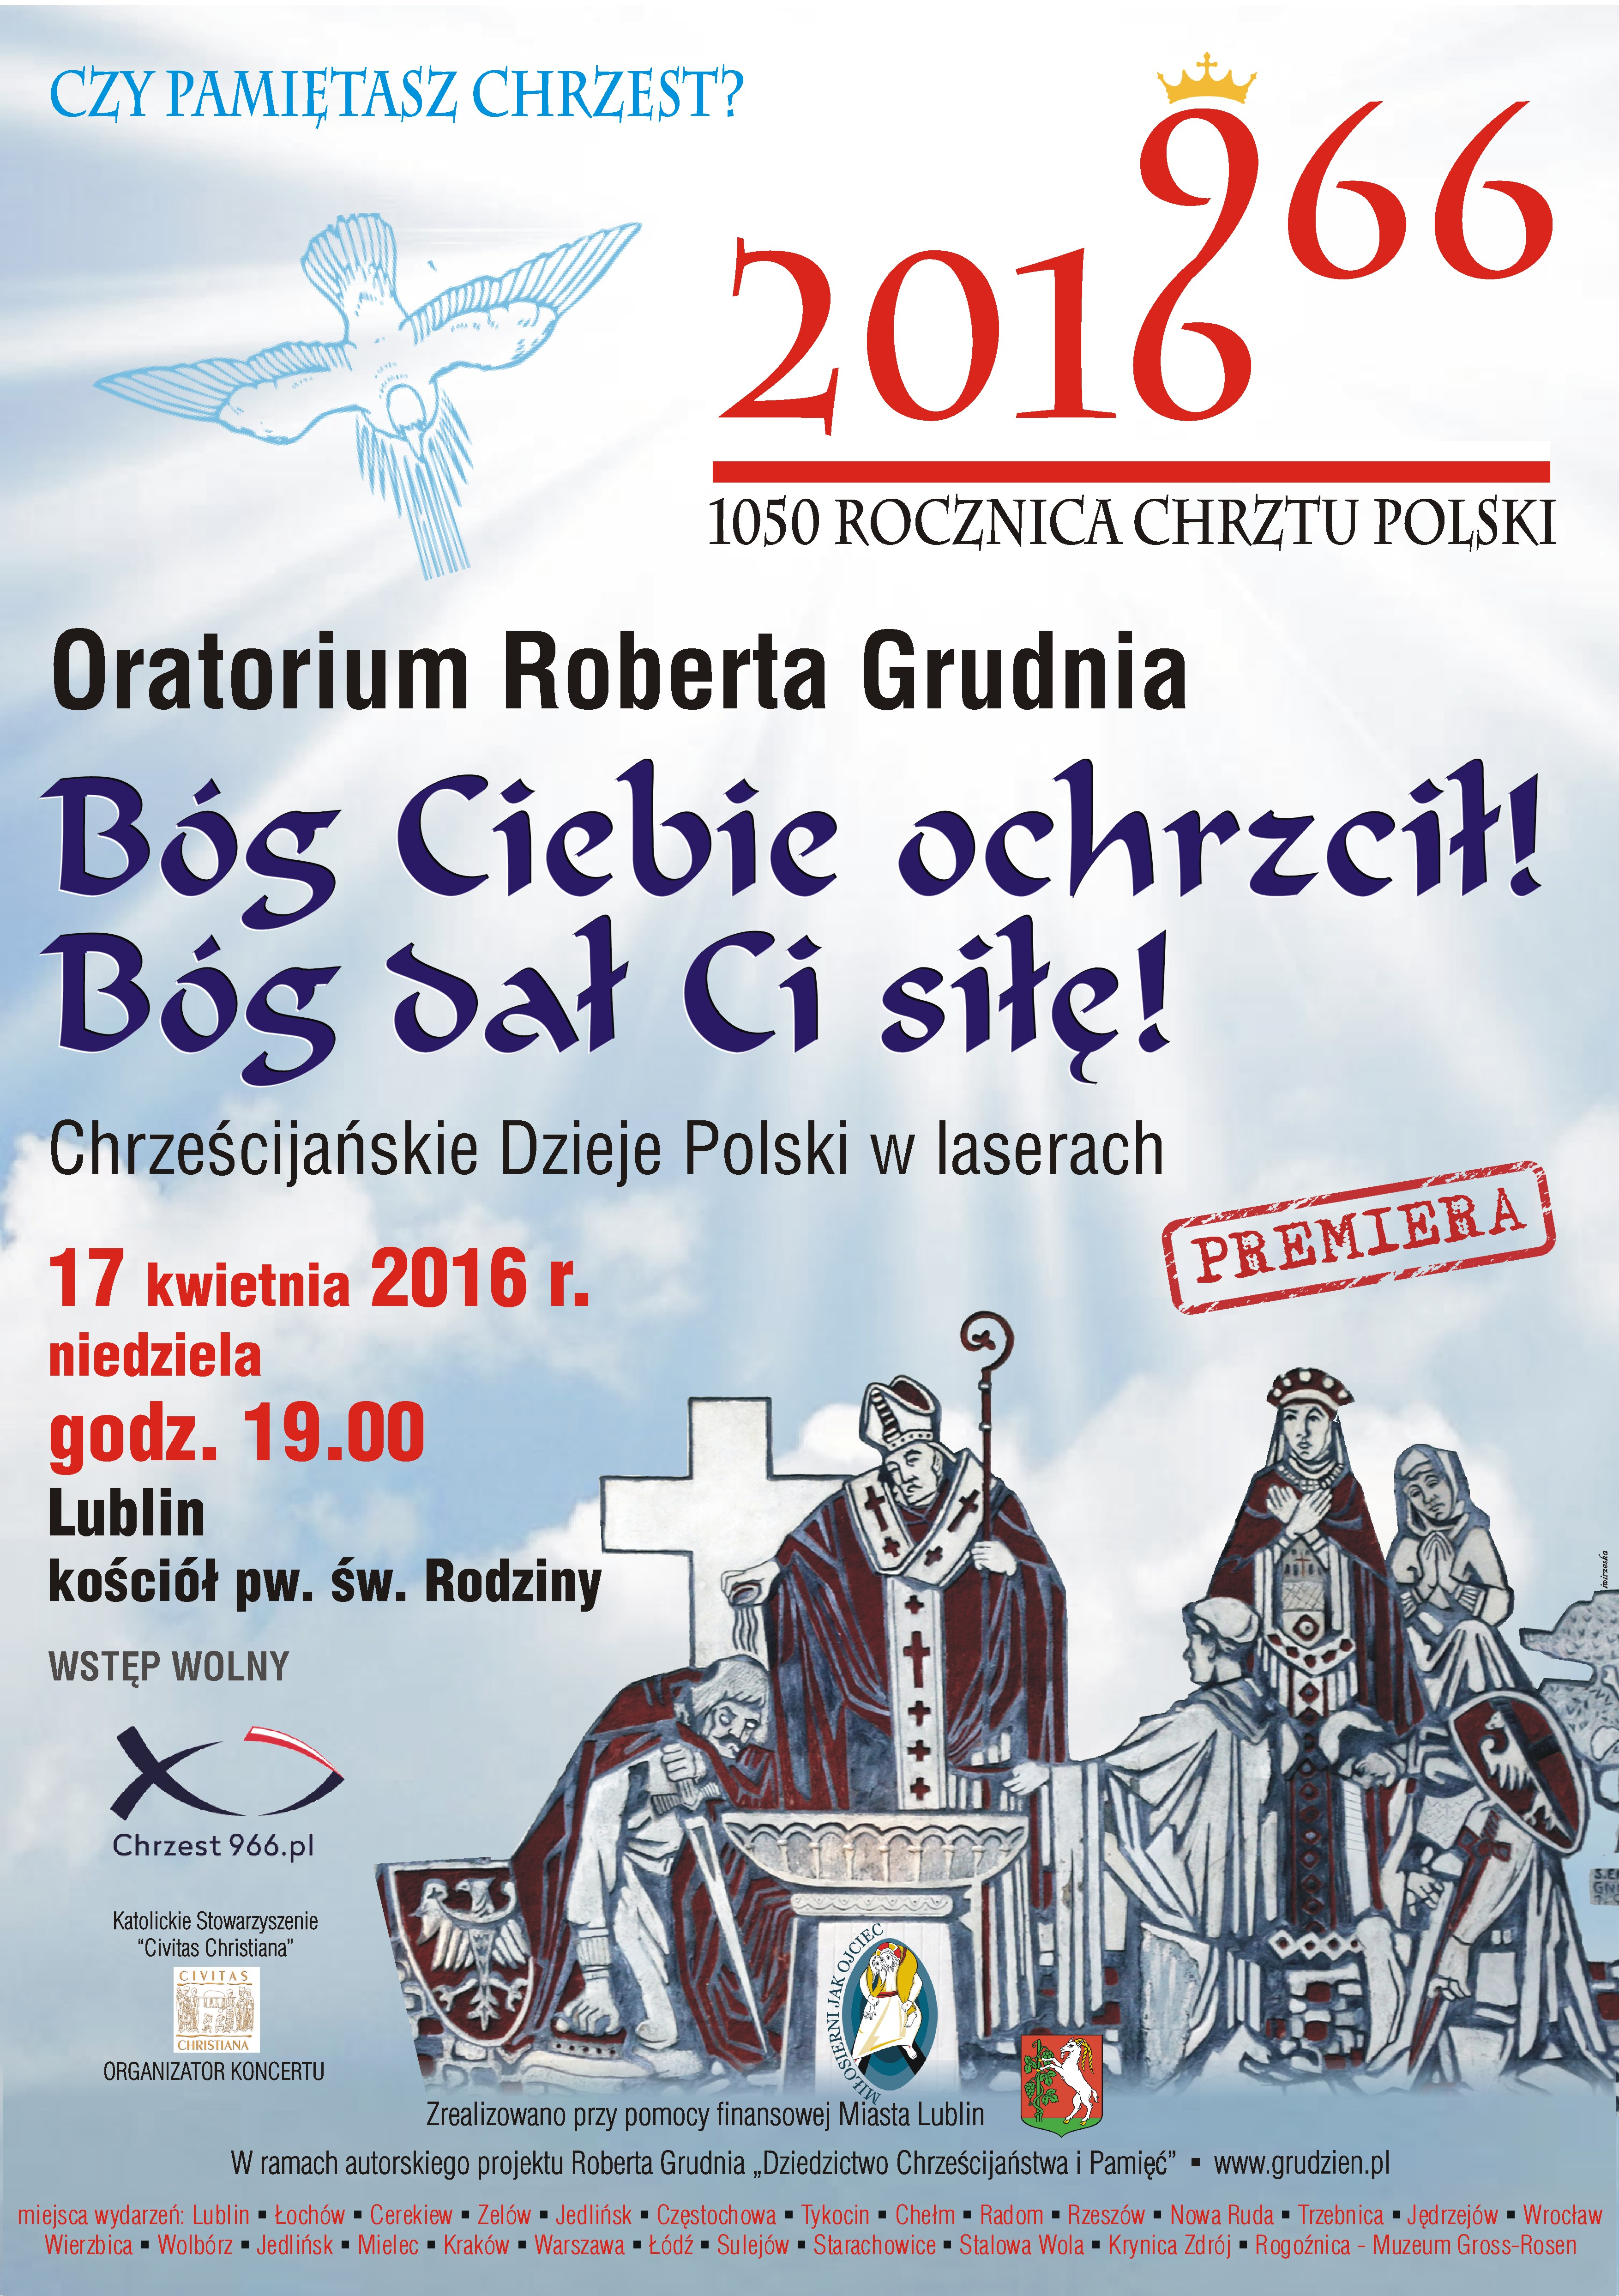 """Oratorium Roberta Grudnia """"Bóg Ciebie ochrzcił! Bóg dał Ci siłę!"""" - 1050.rocznica chrztu Polski 966-2016"""